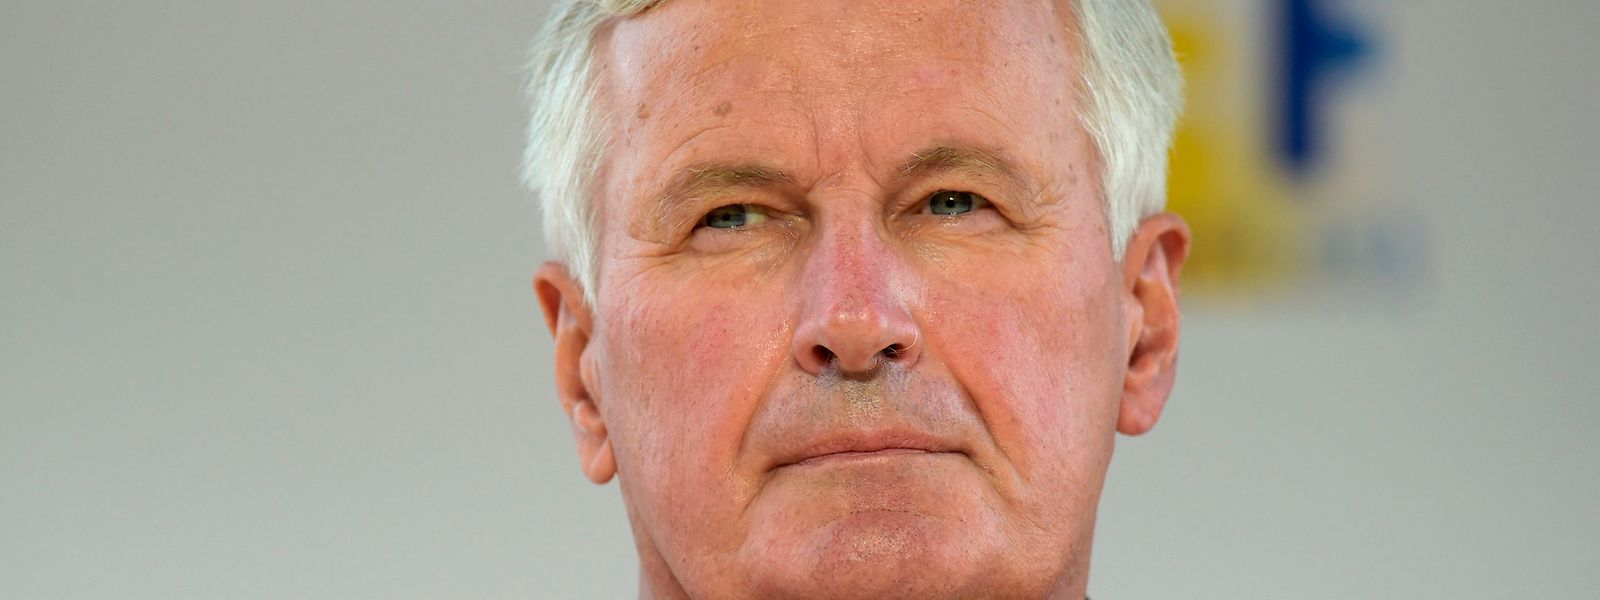 Selon Michel Barnier, l'accord commercial doit être trouvé d'ici à fin octobre pour permettre une ratification européenne dans les temps.